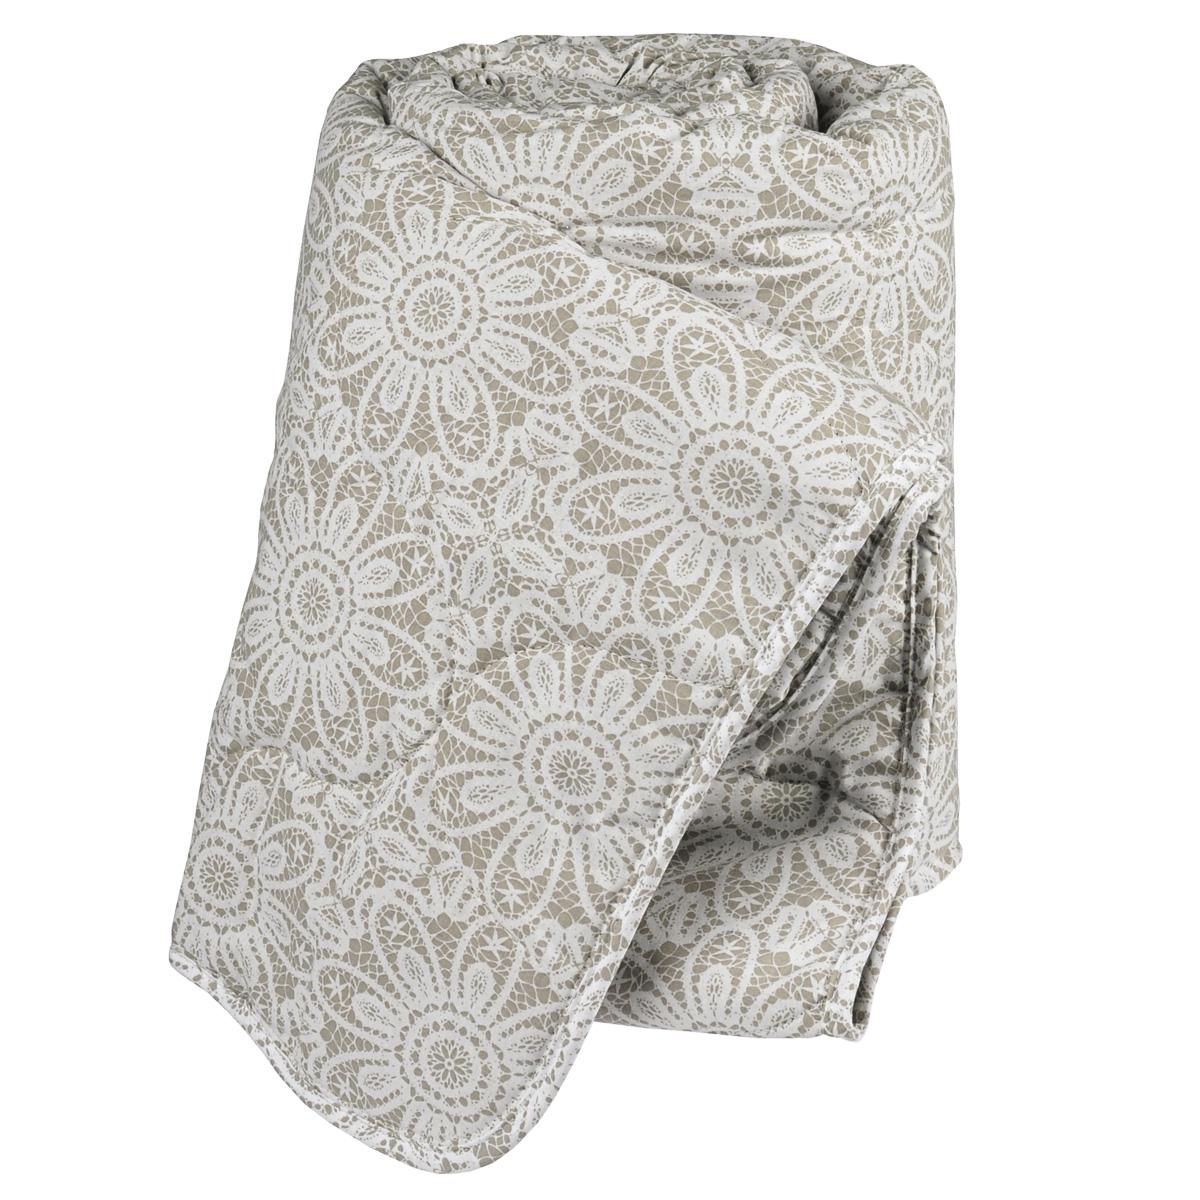 Одеяло Green Line Лен, наполнитель: льняное волокно, 200 см х 220 см187857Мягкое и комфортное одеяло Green Line Лен подарит вам незабываемое чувство уюта и умиротворения. Чехол выполнен из чистого хлопка. Одеяло поможет создать максимально удобные и благоприятные условия для сладкого сна. Преимущества льняного наполнителя: - имеет эффект активного дыхания, - природный антисептик, - холодит в жару и согревает в холод. Лен полезен для здоровья, обладает положительной энергетикой. Не стирать, не гладить. Материал верха: 100% хлопок. Наполнитель: 90% льняное волокно, 10% полиэстер. Масса наполнителя: 300 г/м2.